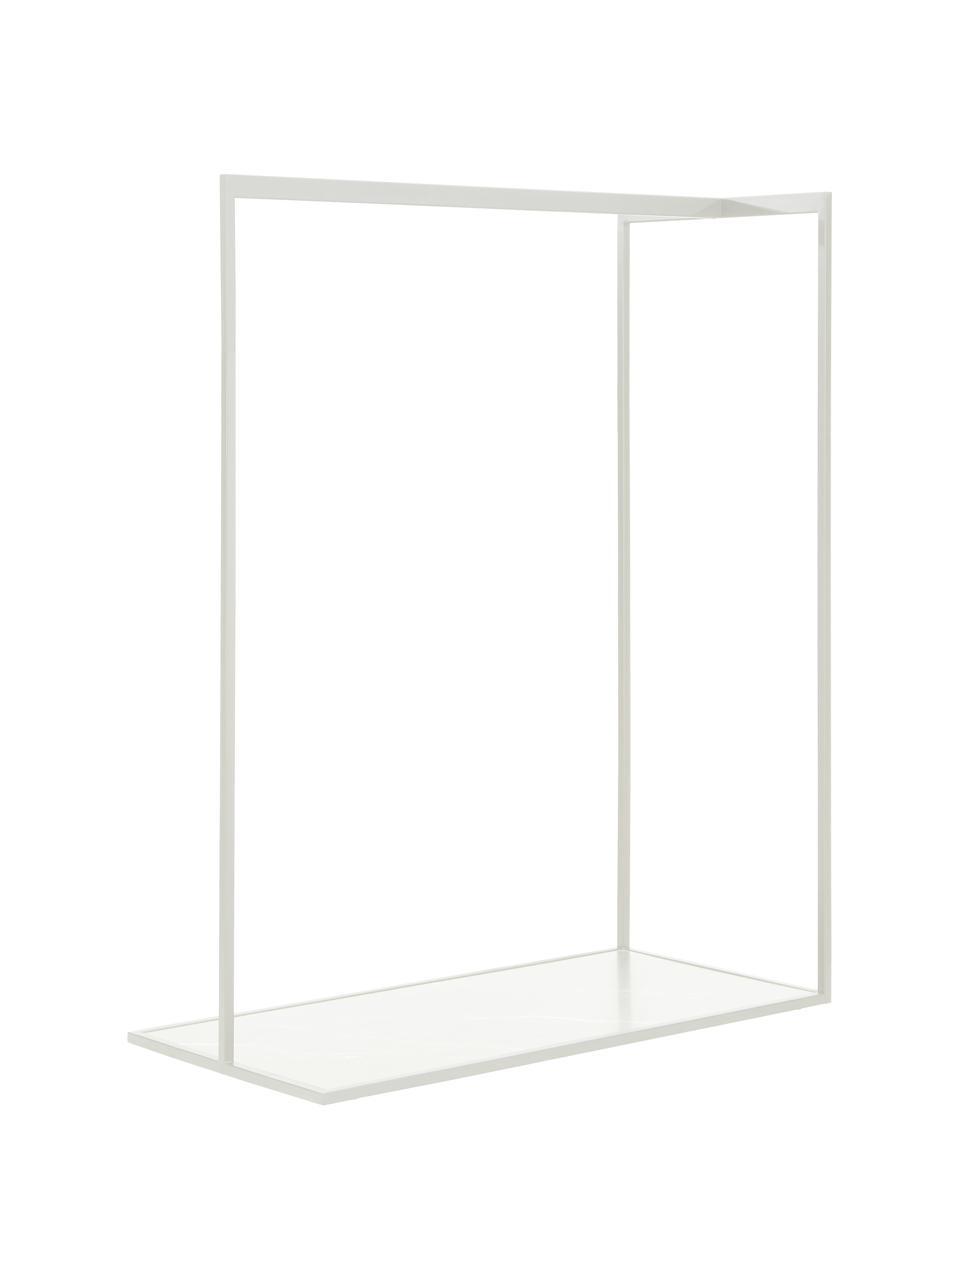 Kledingstang Pacey in marmerlook, Frame: gepoedercoat metaal, Plank: MDF, melamine bekleed, Wit, 120 x 152 cm